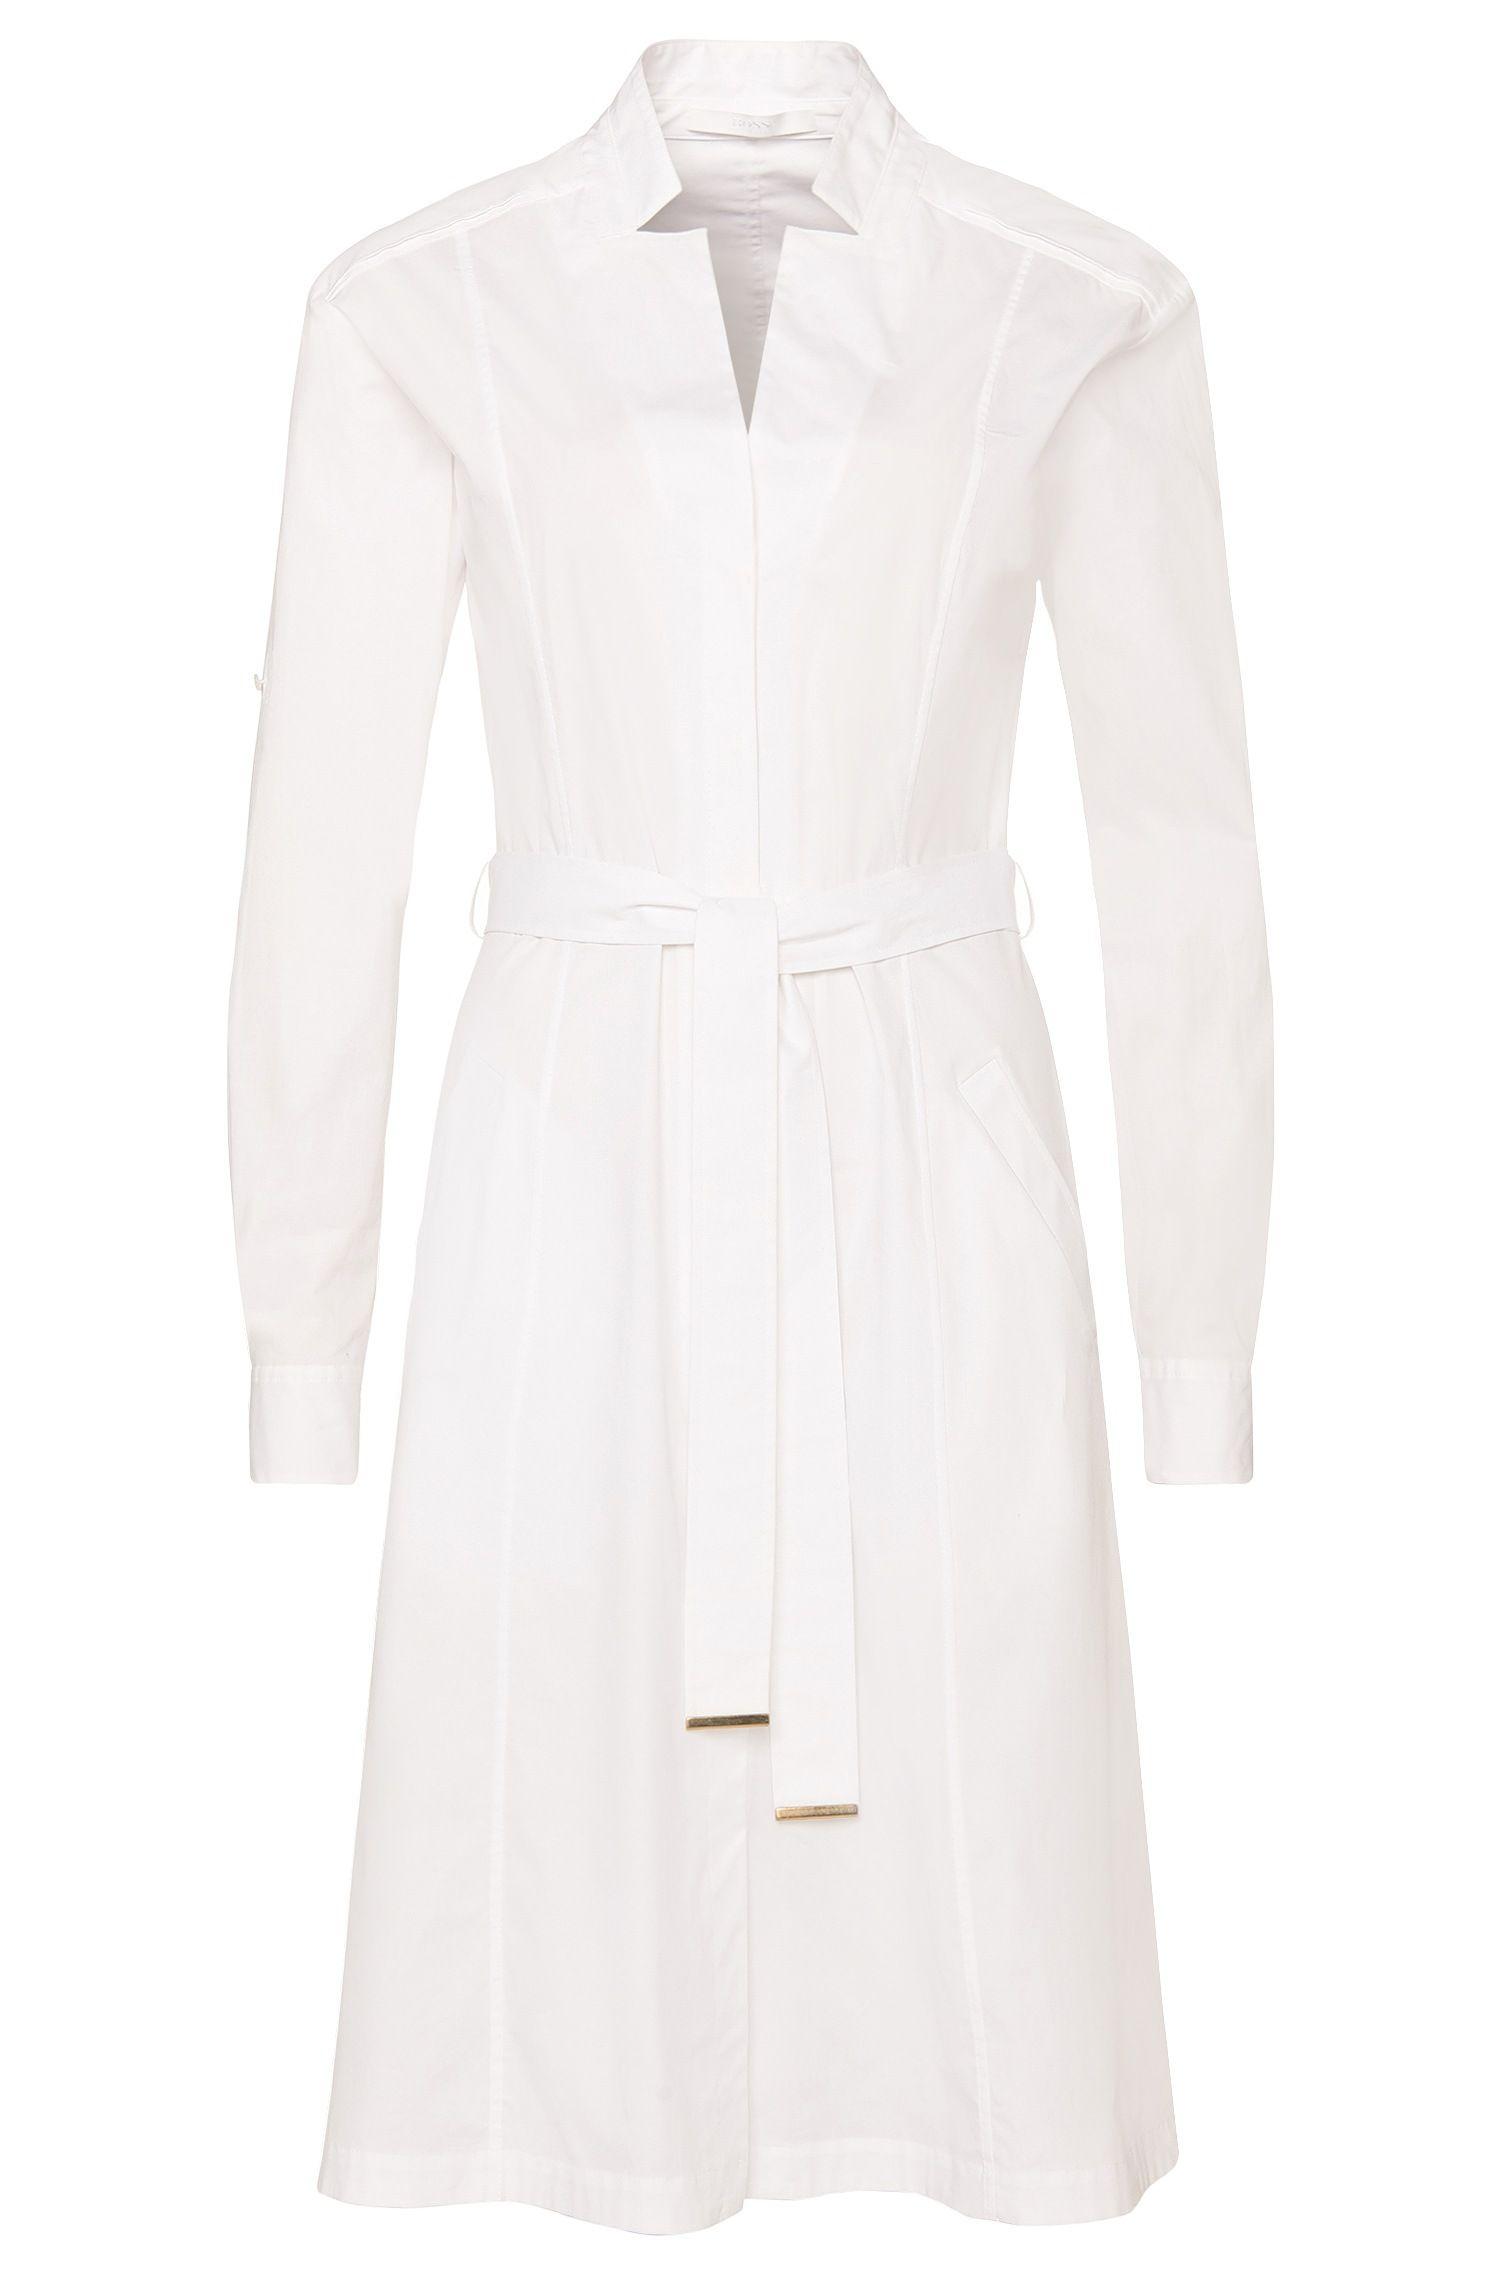 a8211f2b9 DAI ~*~ BOSS: 'Doctina' | Stretch Cotton Belted Shirt Dress | Prêt-à ...